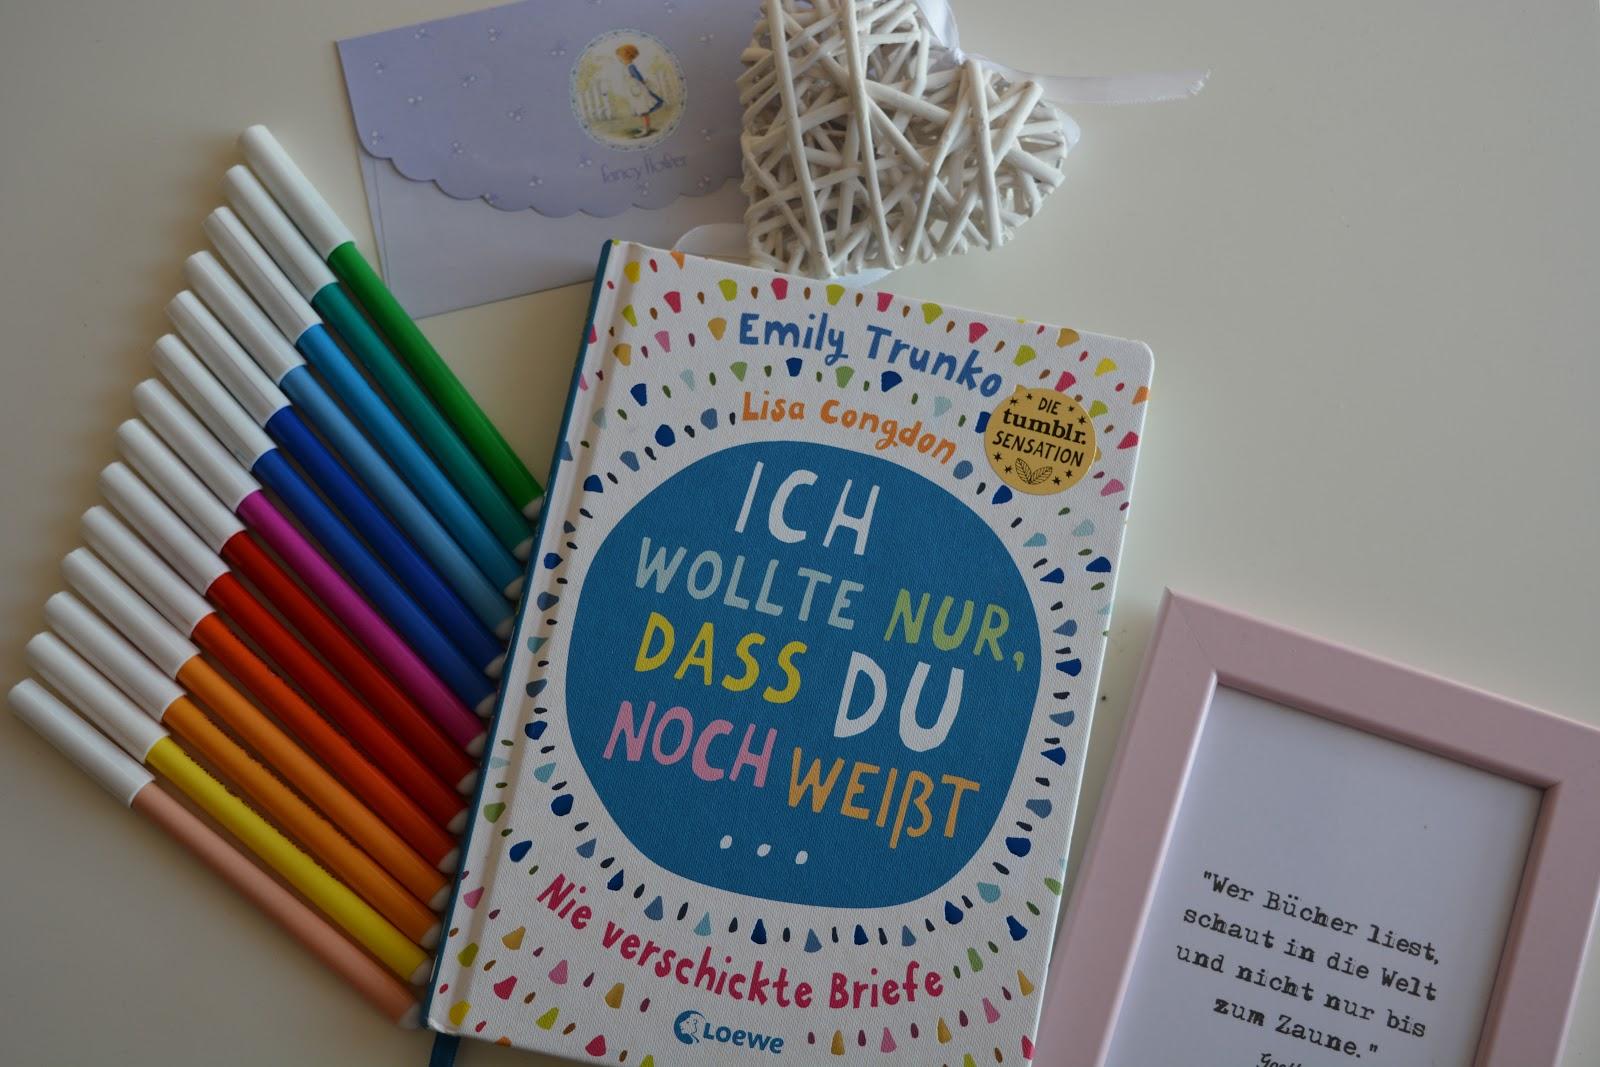 Briefe Für Emily : Annis bücherwelt quot ich wollte nur dass du noch weißt